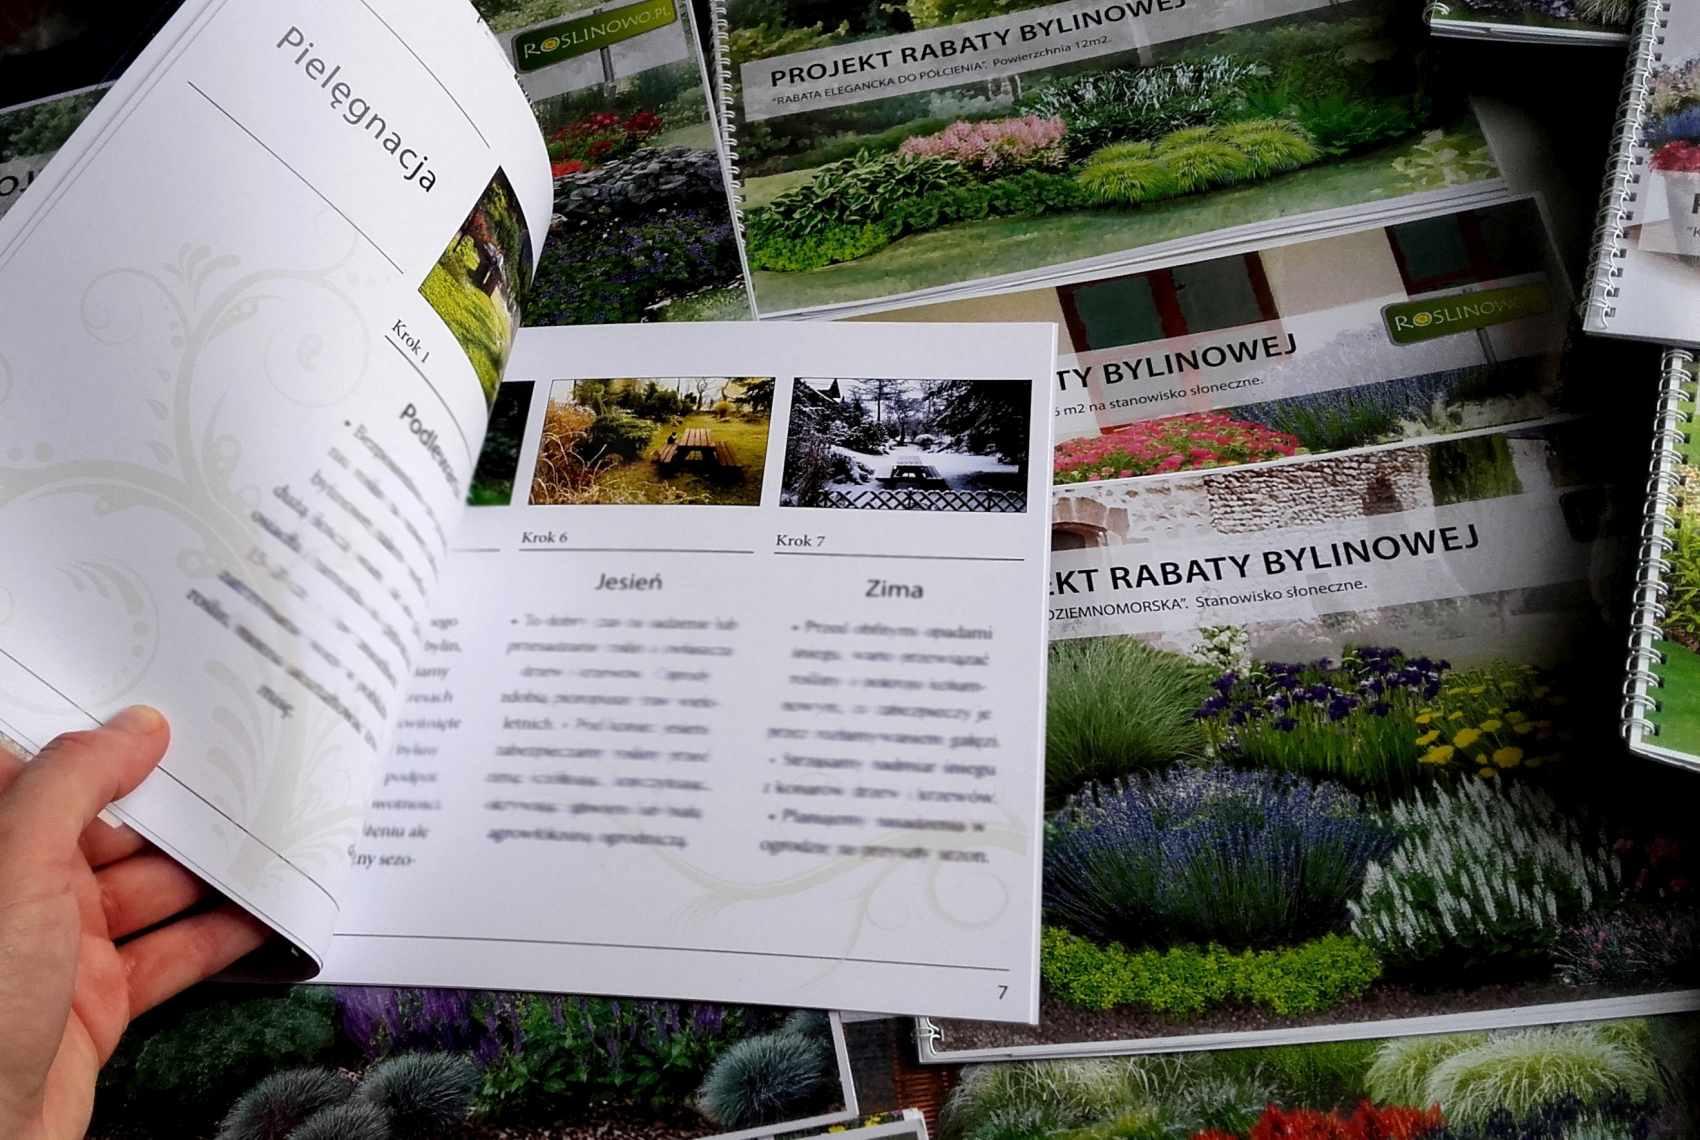 instrukcja - jak pielęgnować rośliny